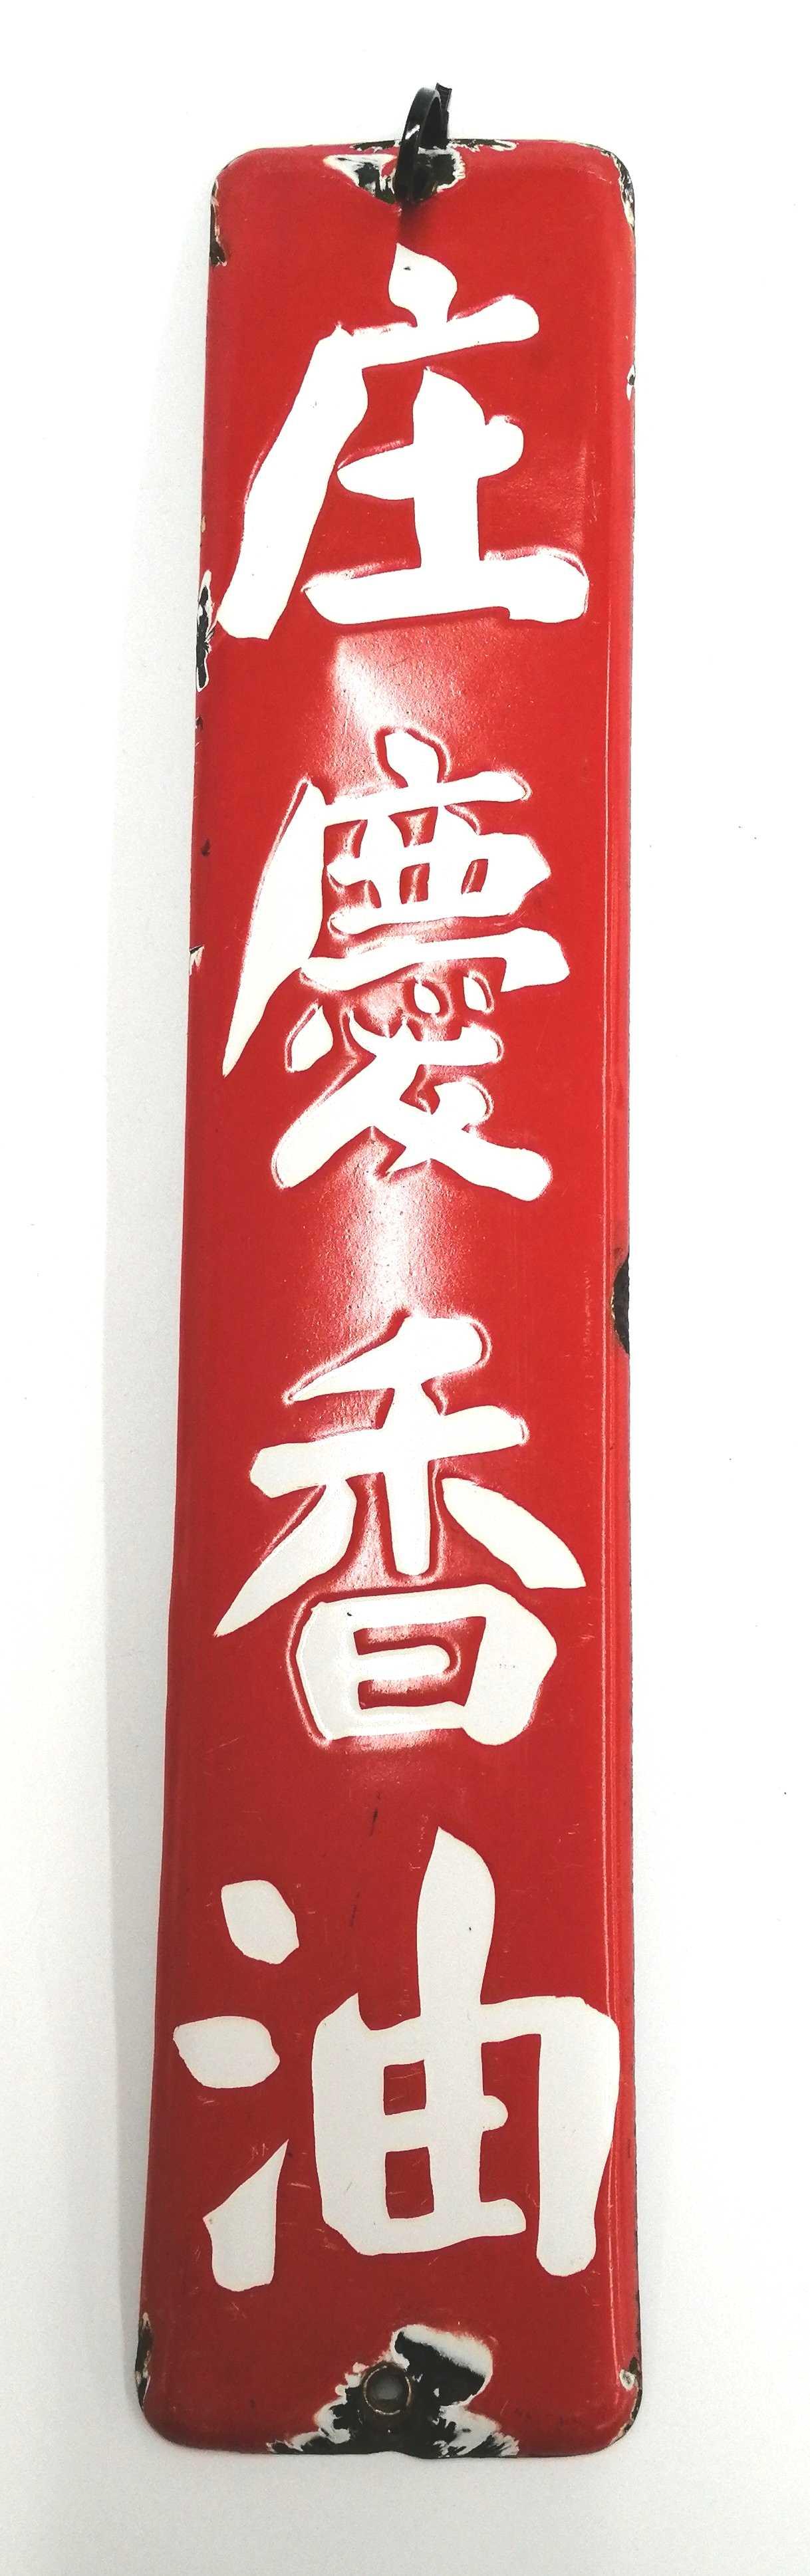 ホーロー看板 庄慶香油|ホーロー看板